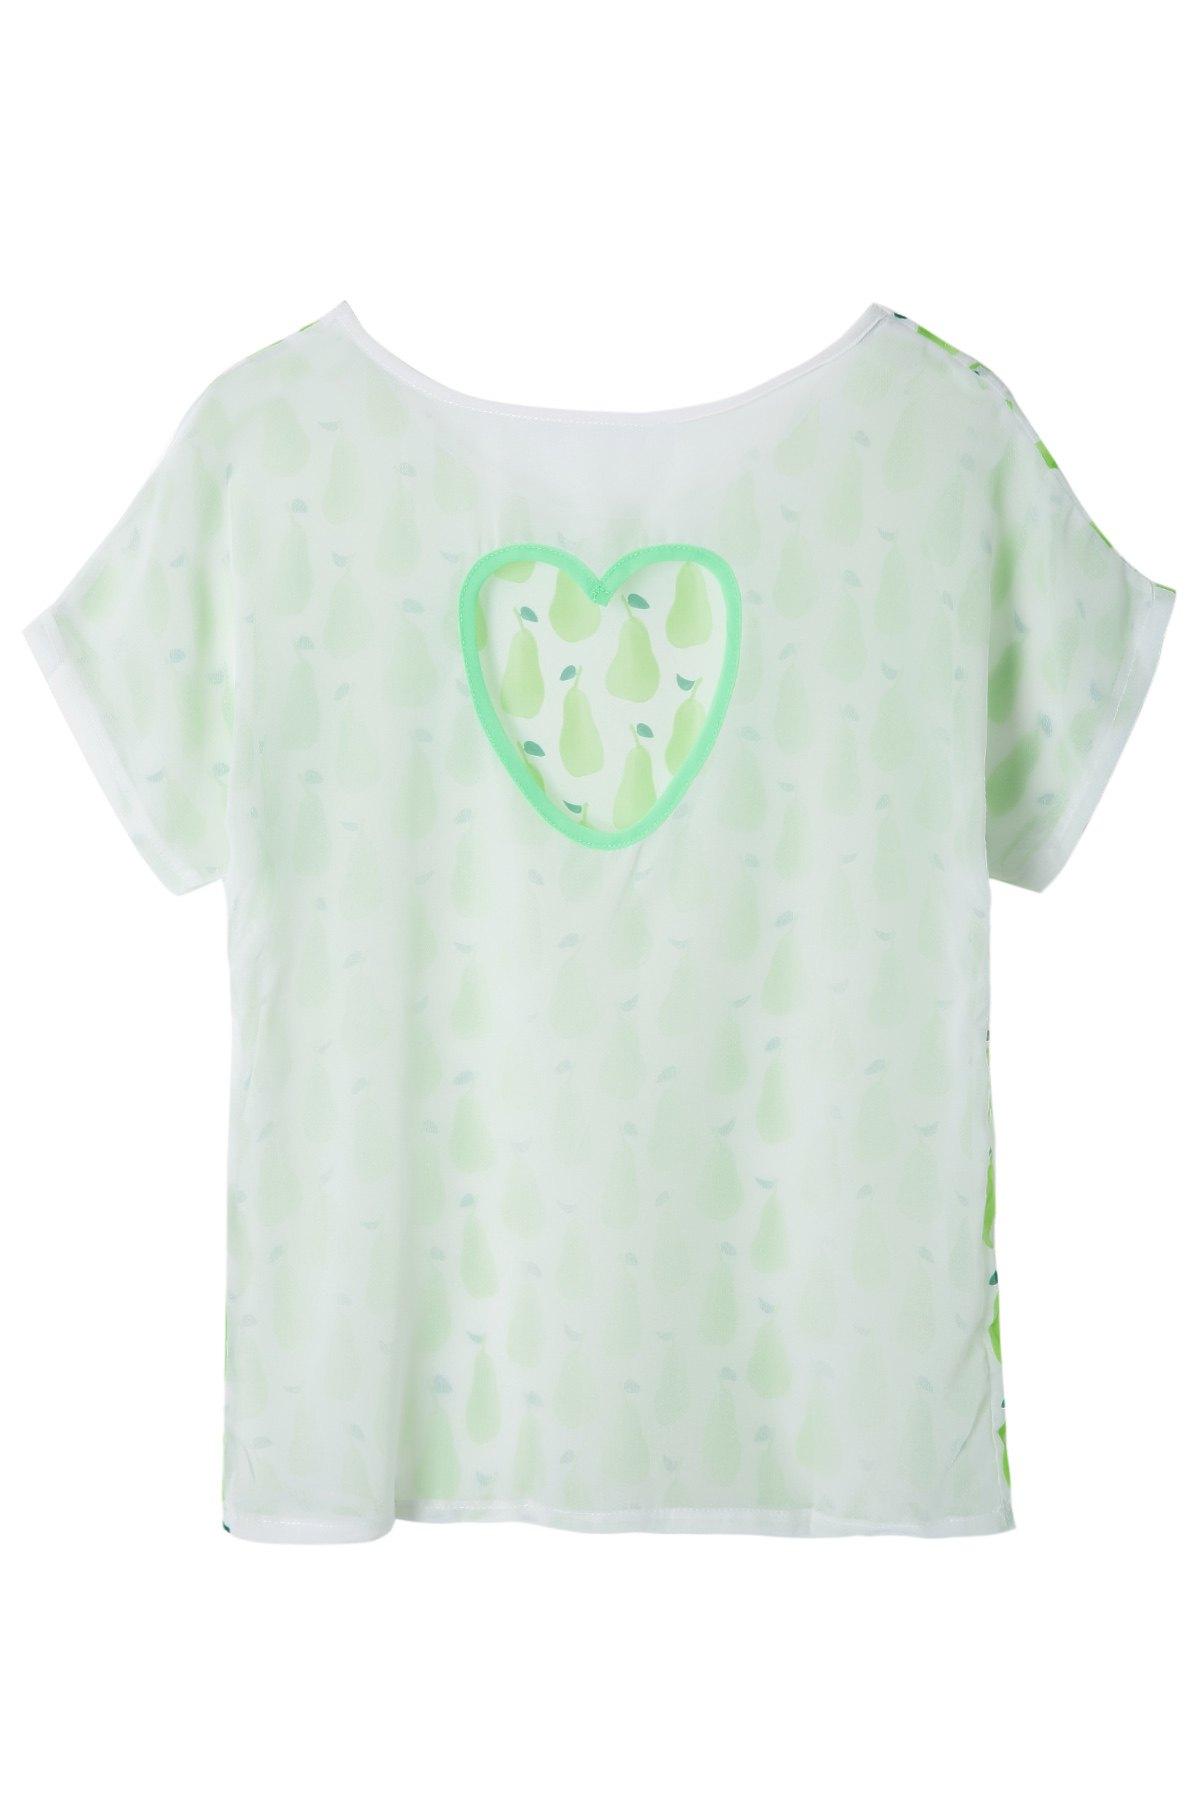 Pear Print Short Sleeve T-Shirt